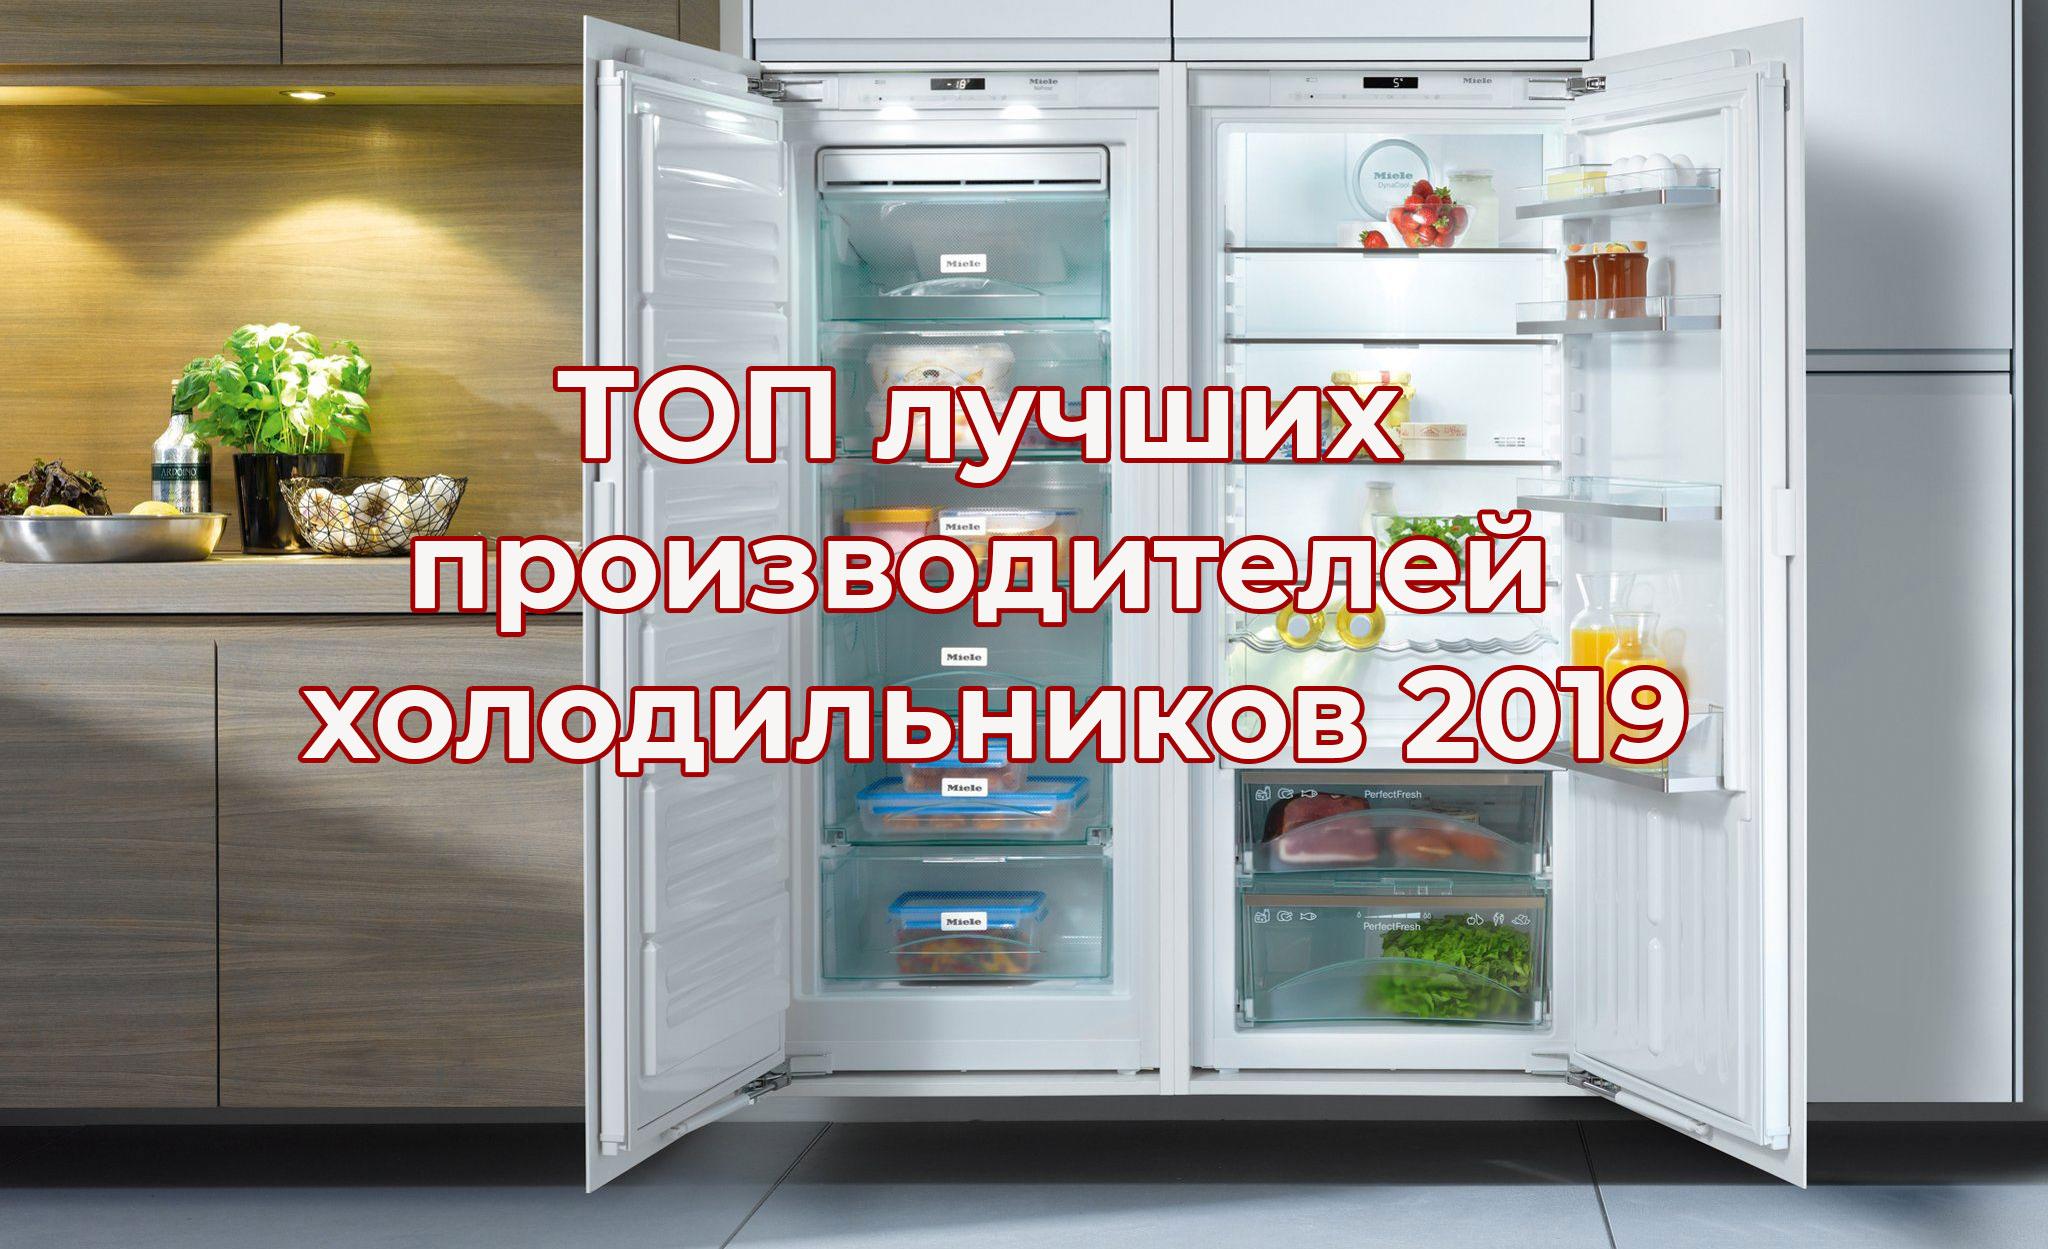 Лучшие мини-холодильники: топ-10 рейтинг на 2020 год